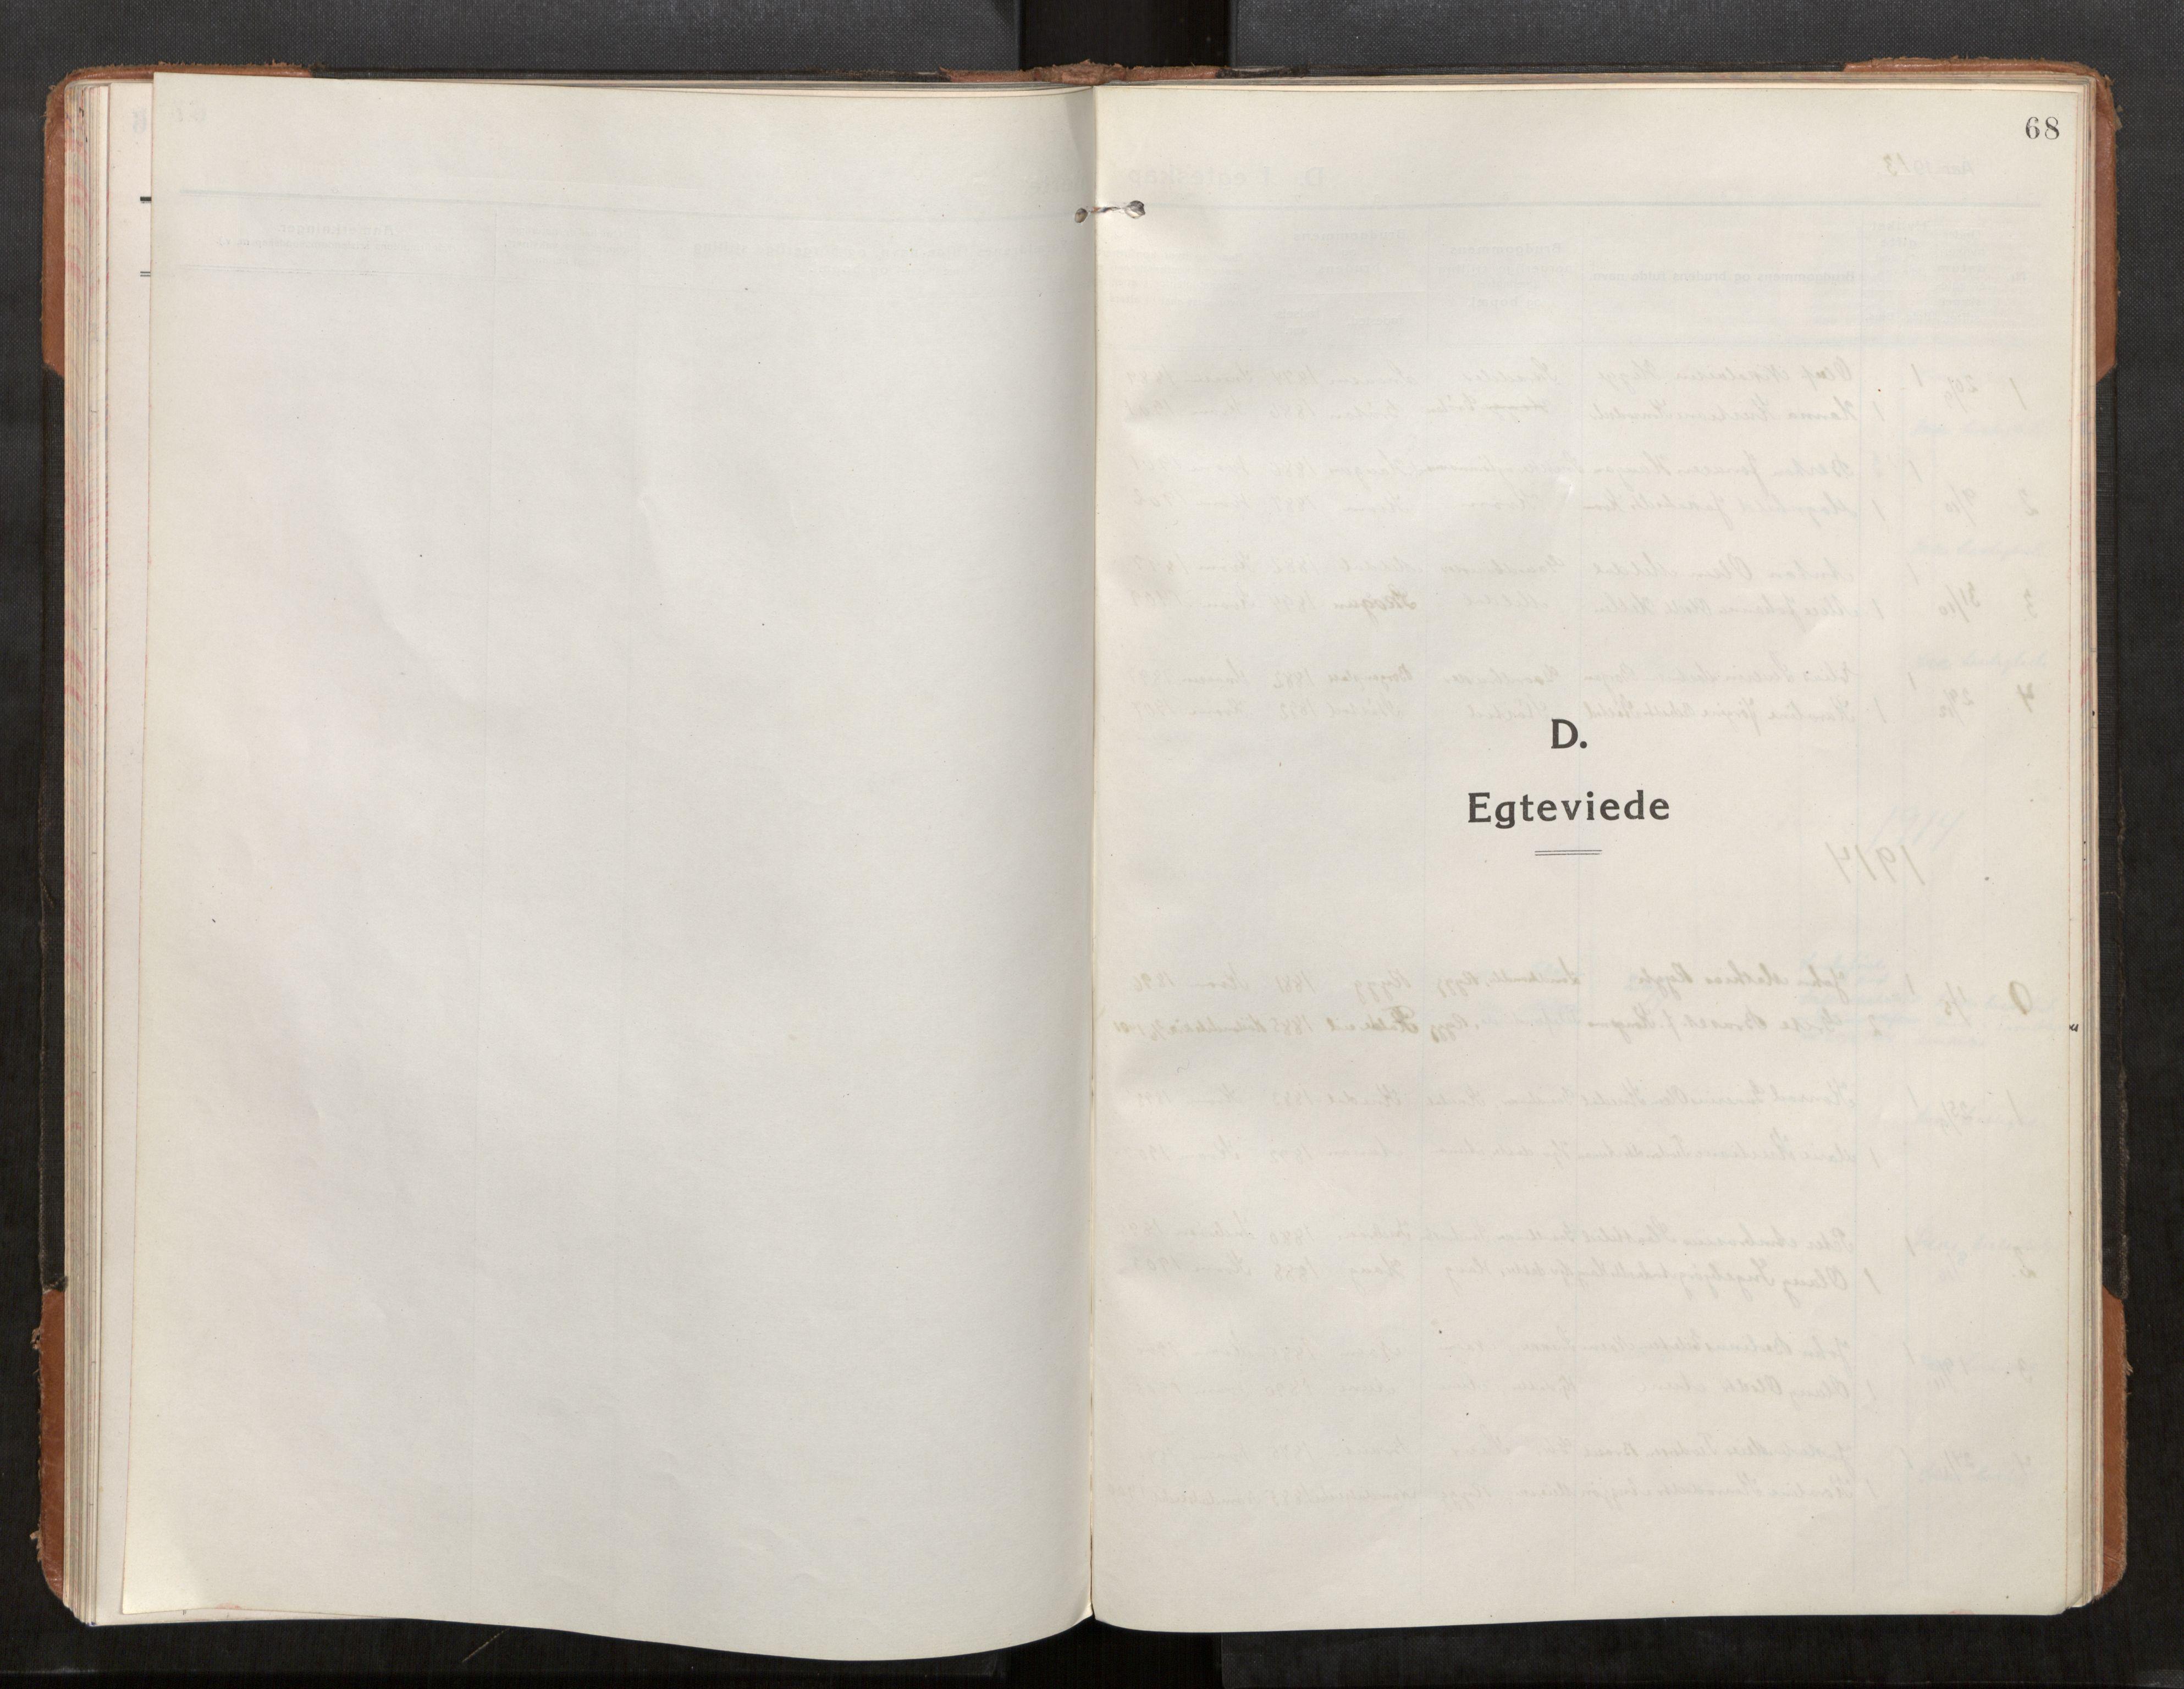 SAT, Stod sokneprestkontor, I/I1/I1a/L0004: Ministerialbok nr. 4, 1913-1933, s. 68